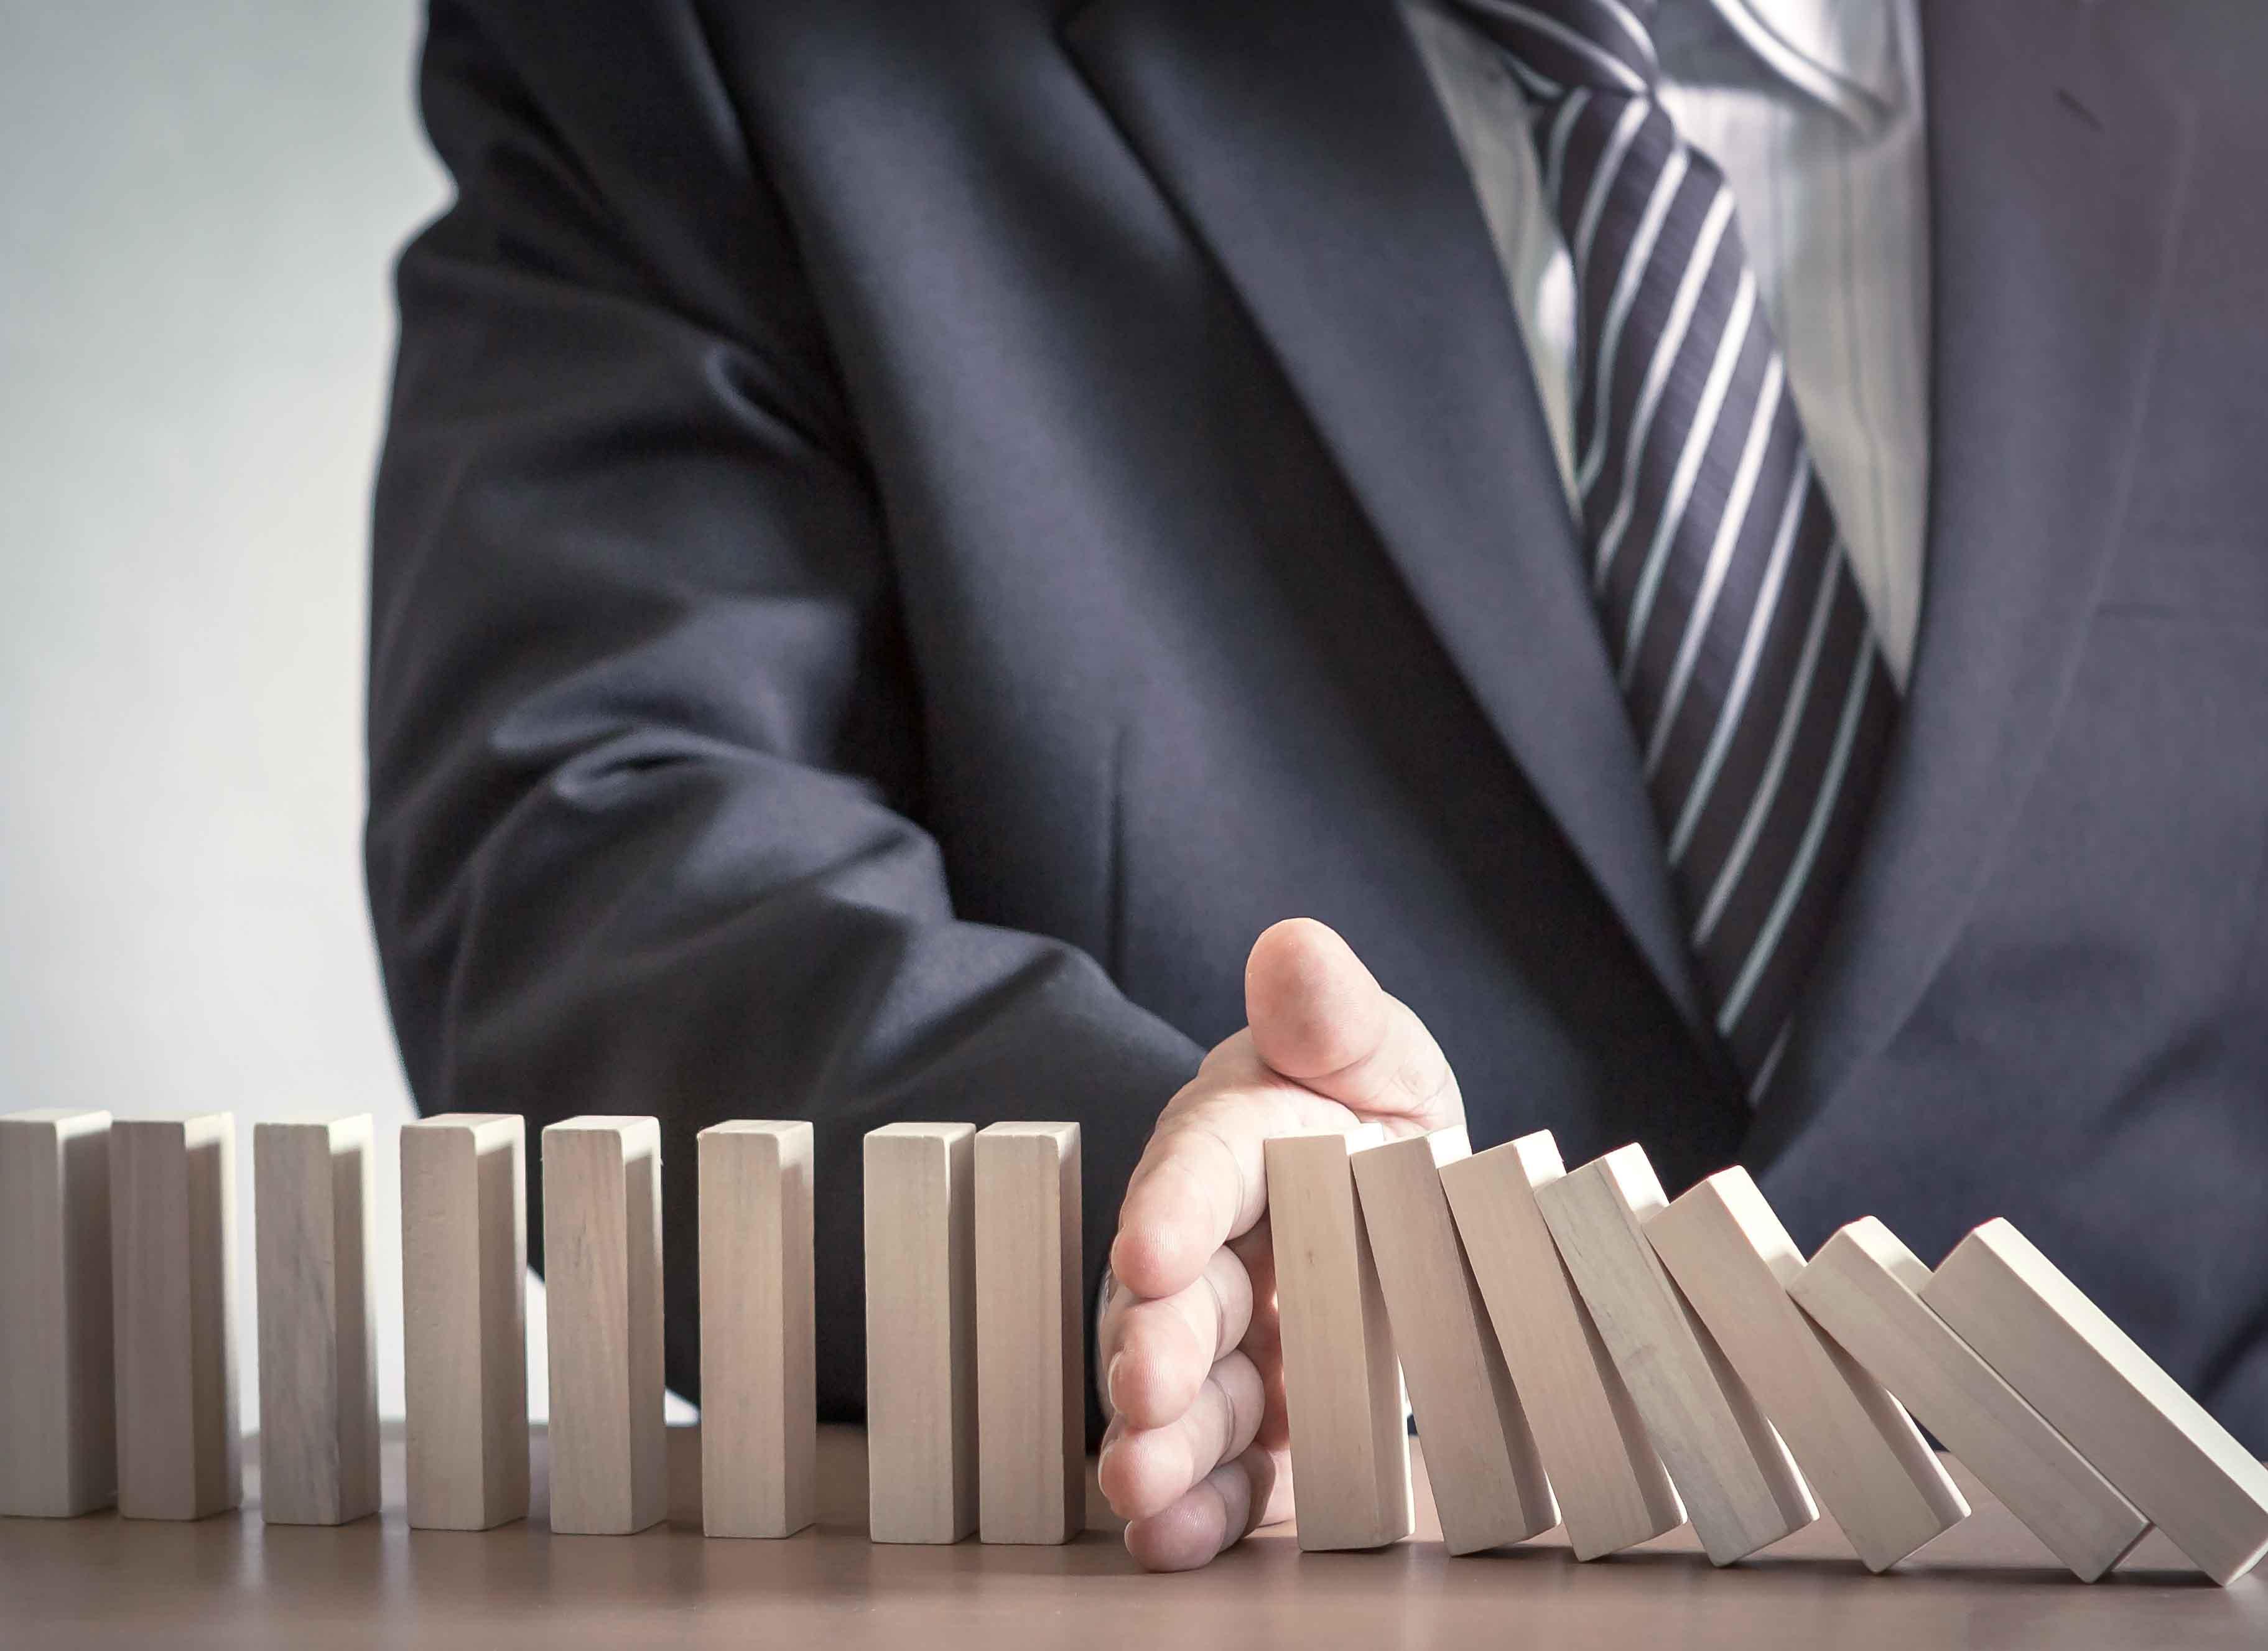 Persona sujetando piezas de dominó para q no se caigan en línea